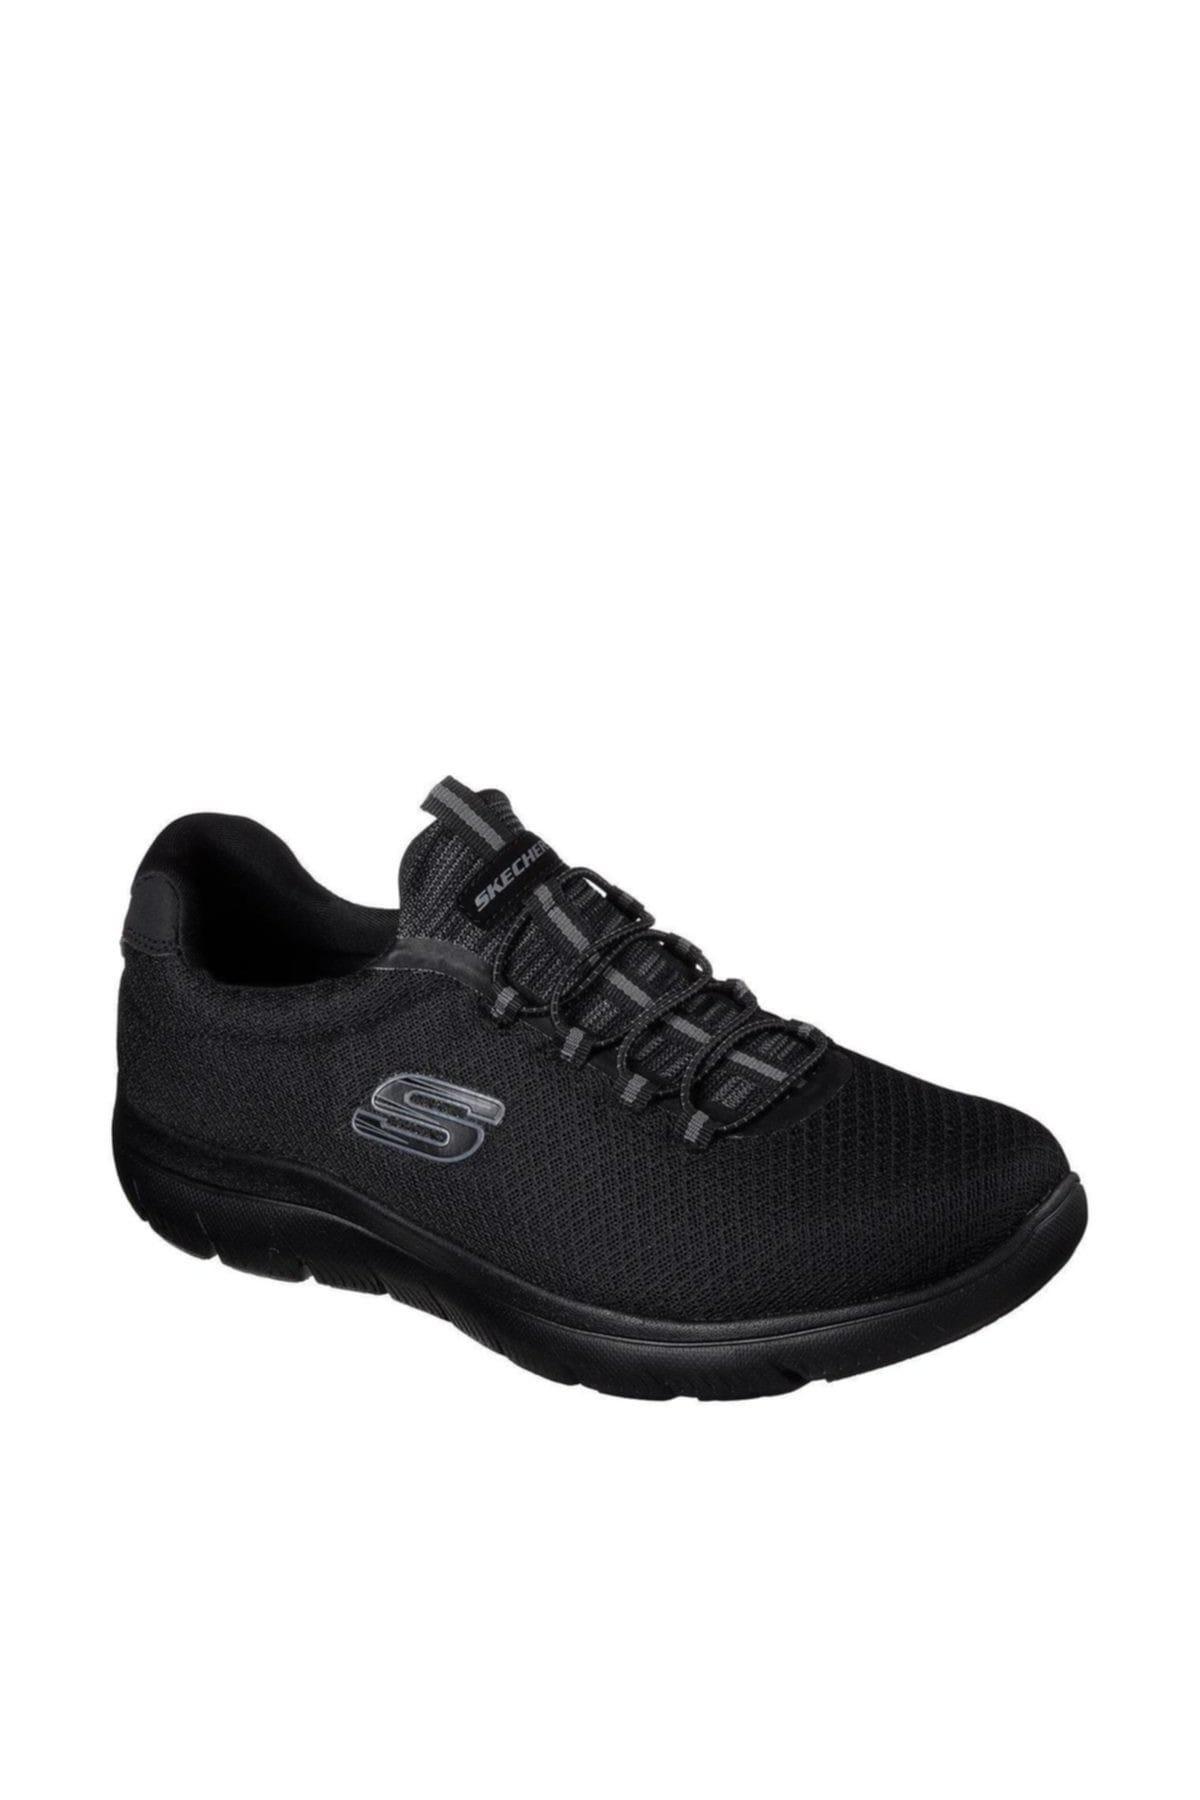 کفش کوهنوردی زیبا برند اسکیچرز رنگ فیروزه ای ty3610953